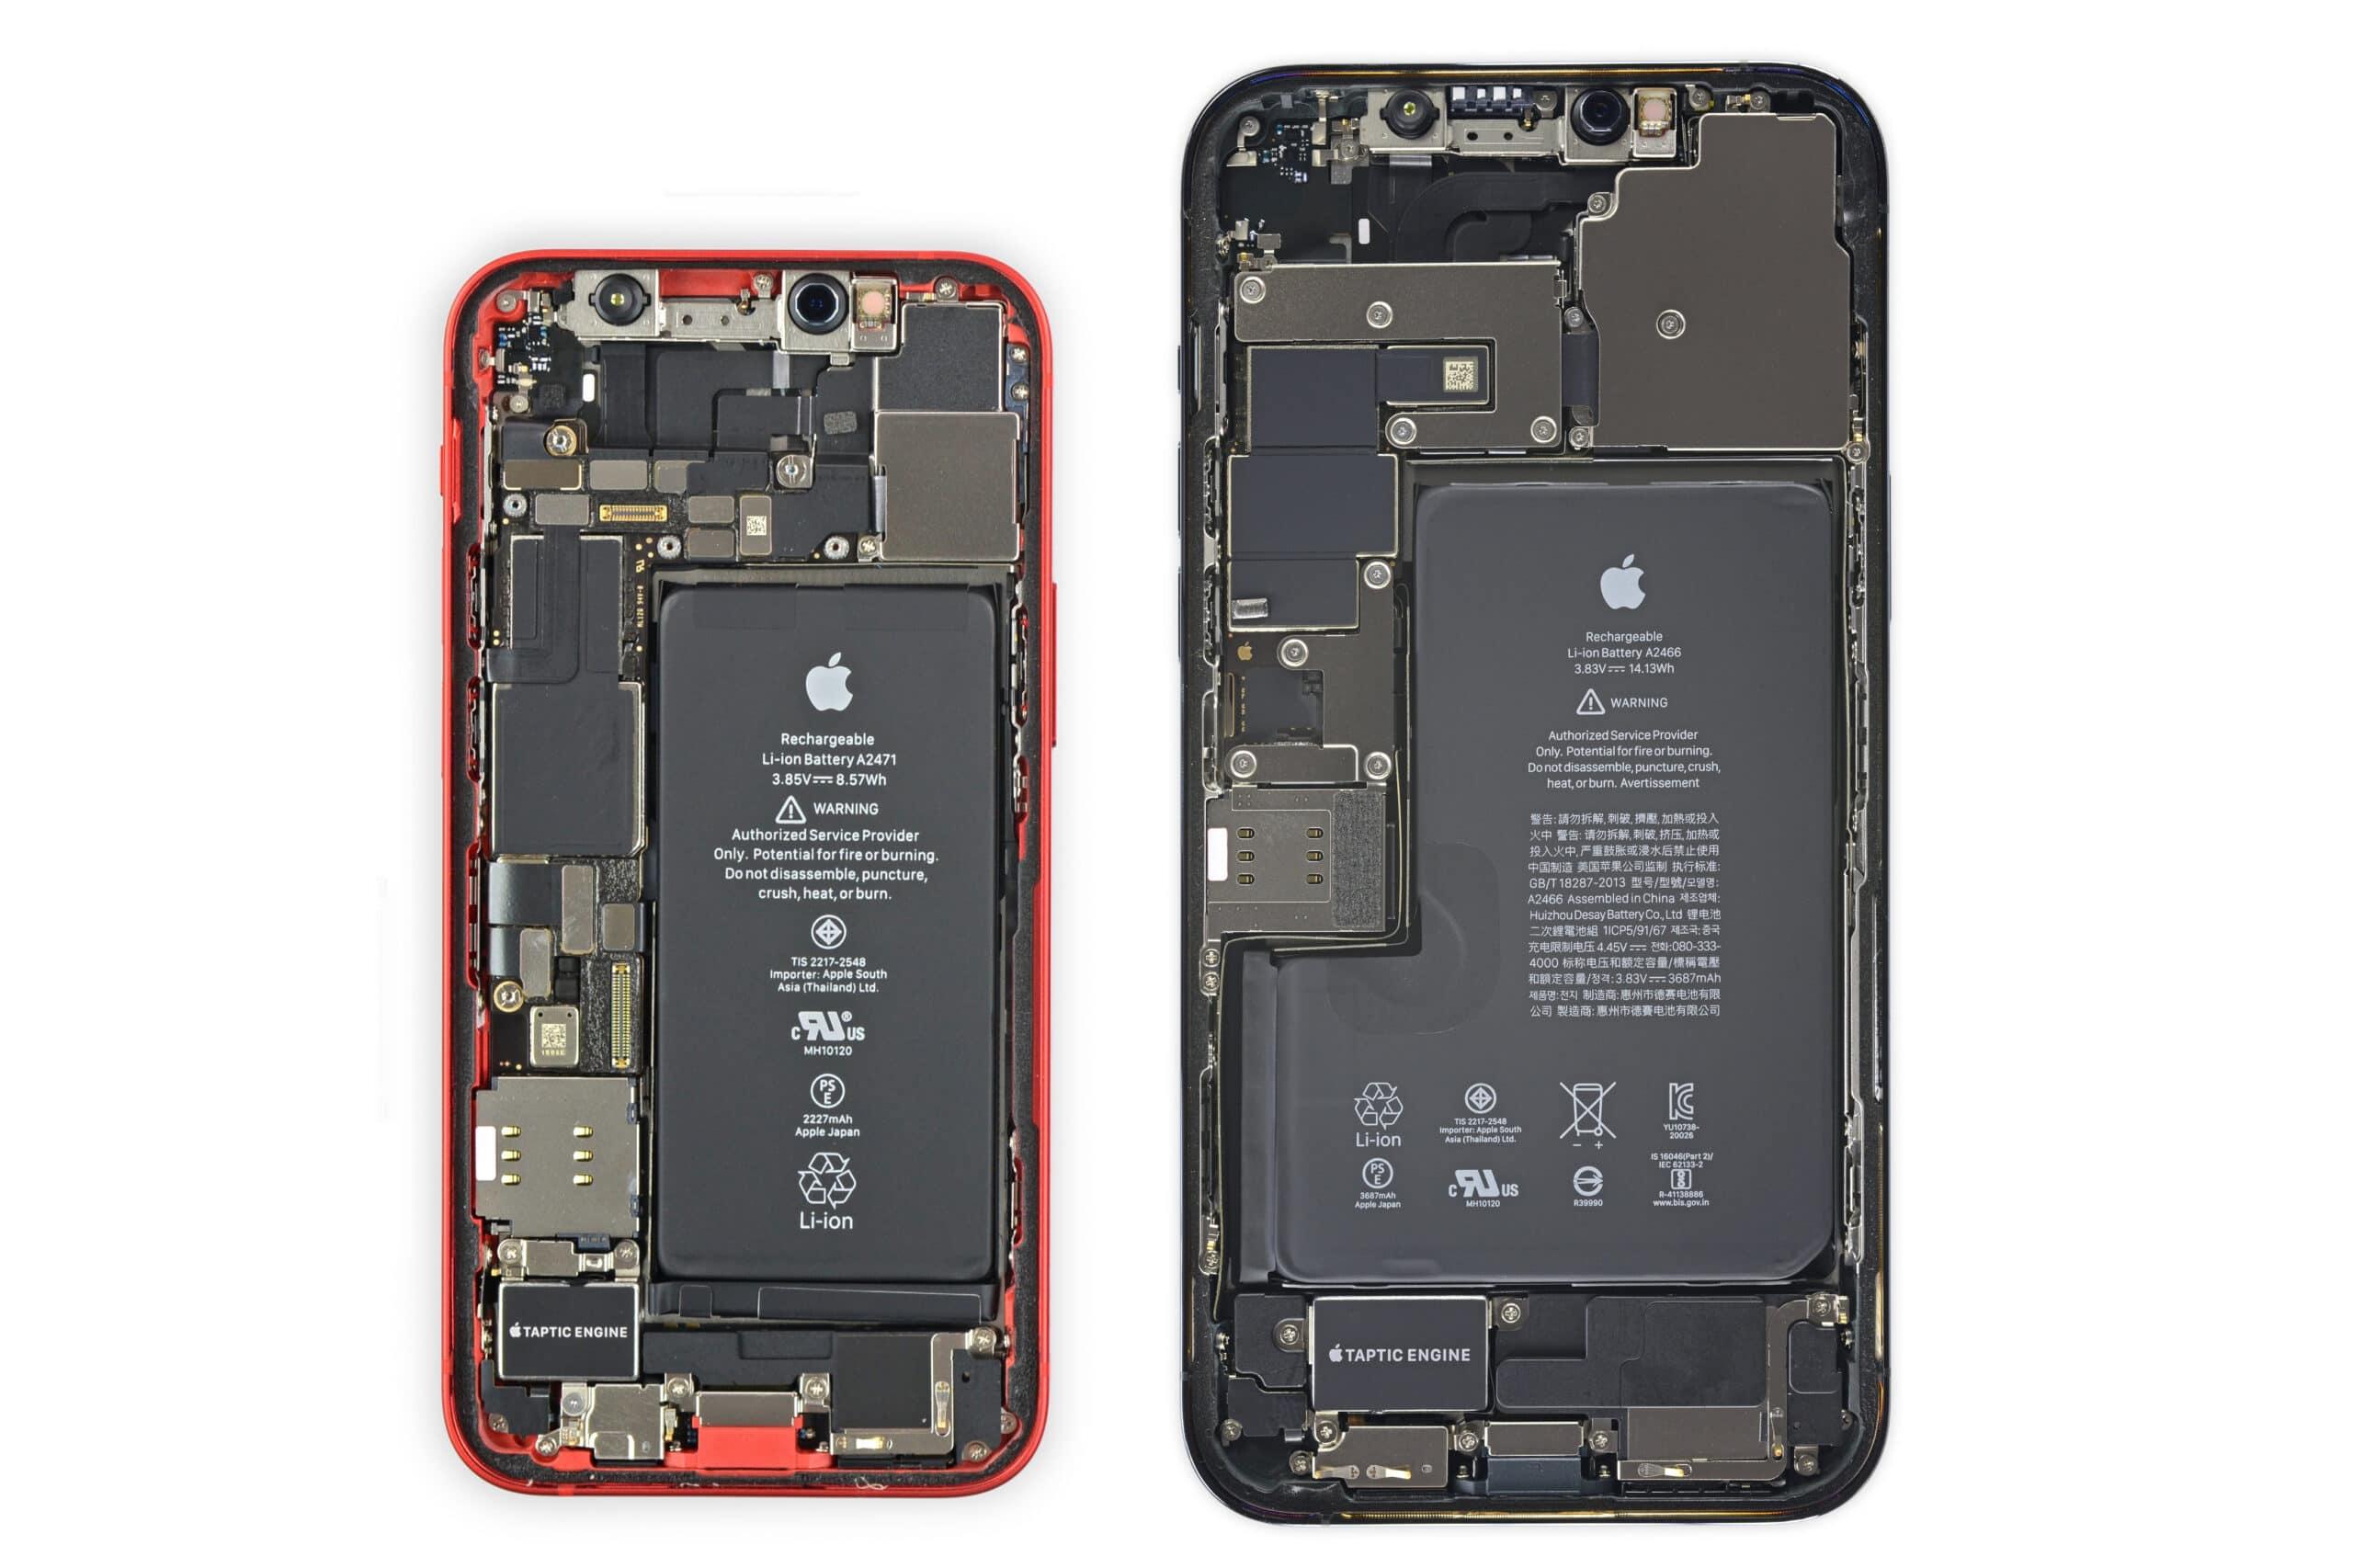 Baterias dos iPhones 12 mini e 12 Pro Max (iFixit)